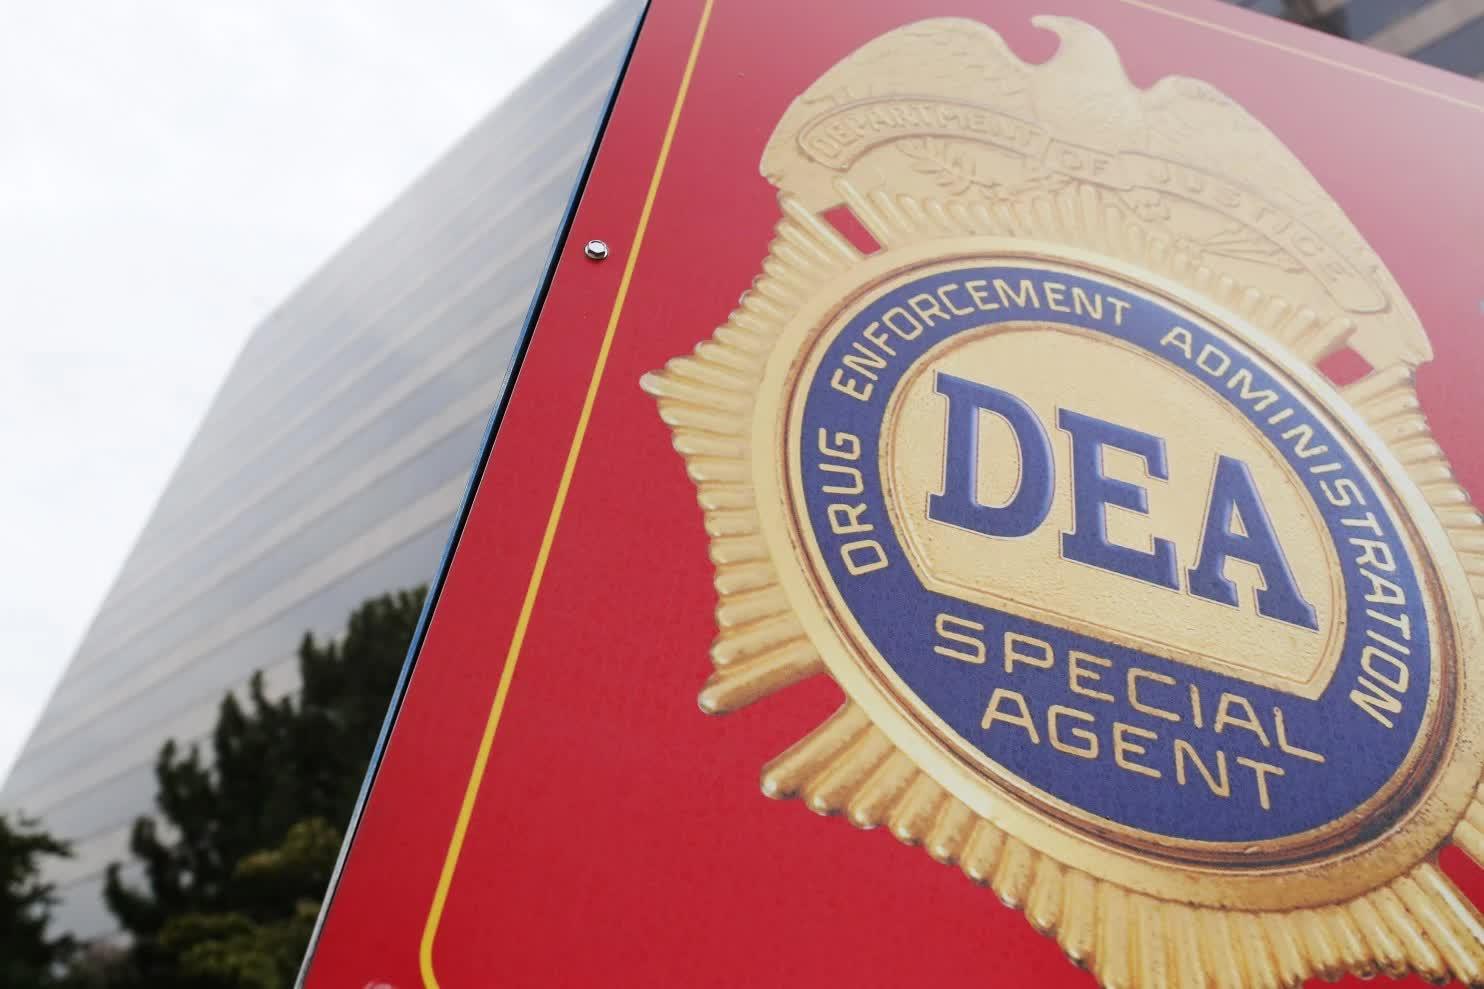 Đặc vụ DEA tham gia tiệc tình dục thác loạn của các băng đảng ma túy. Ảnh: Reuters